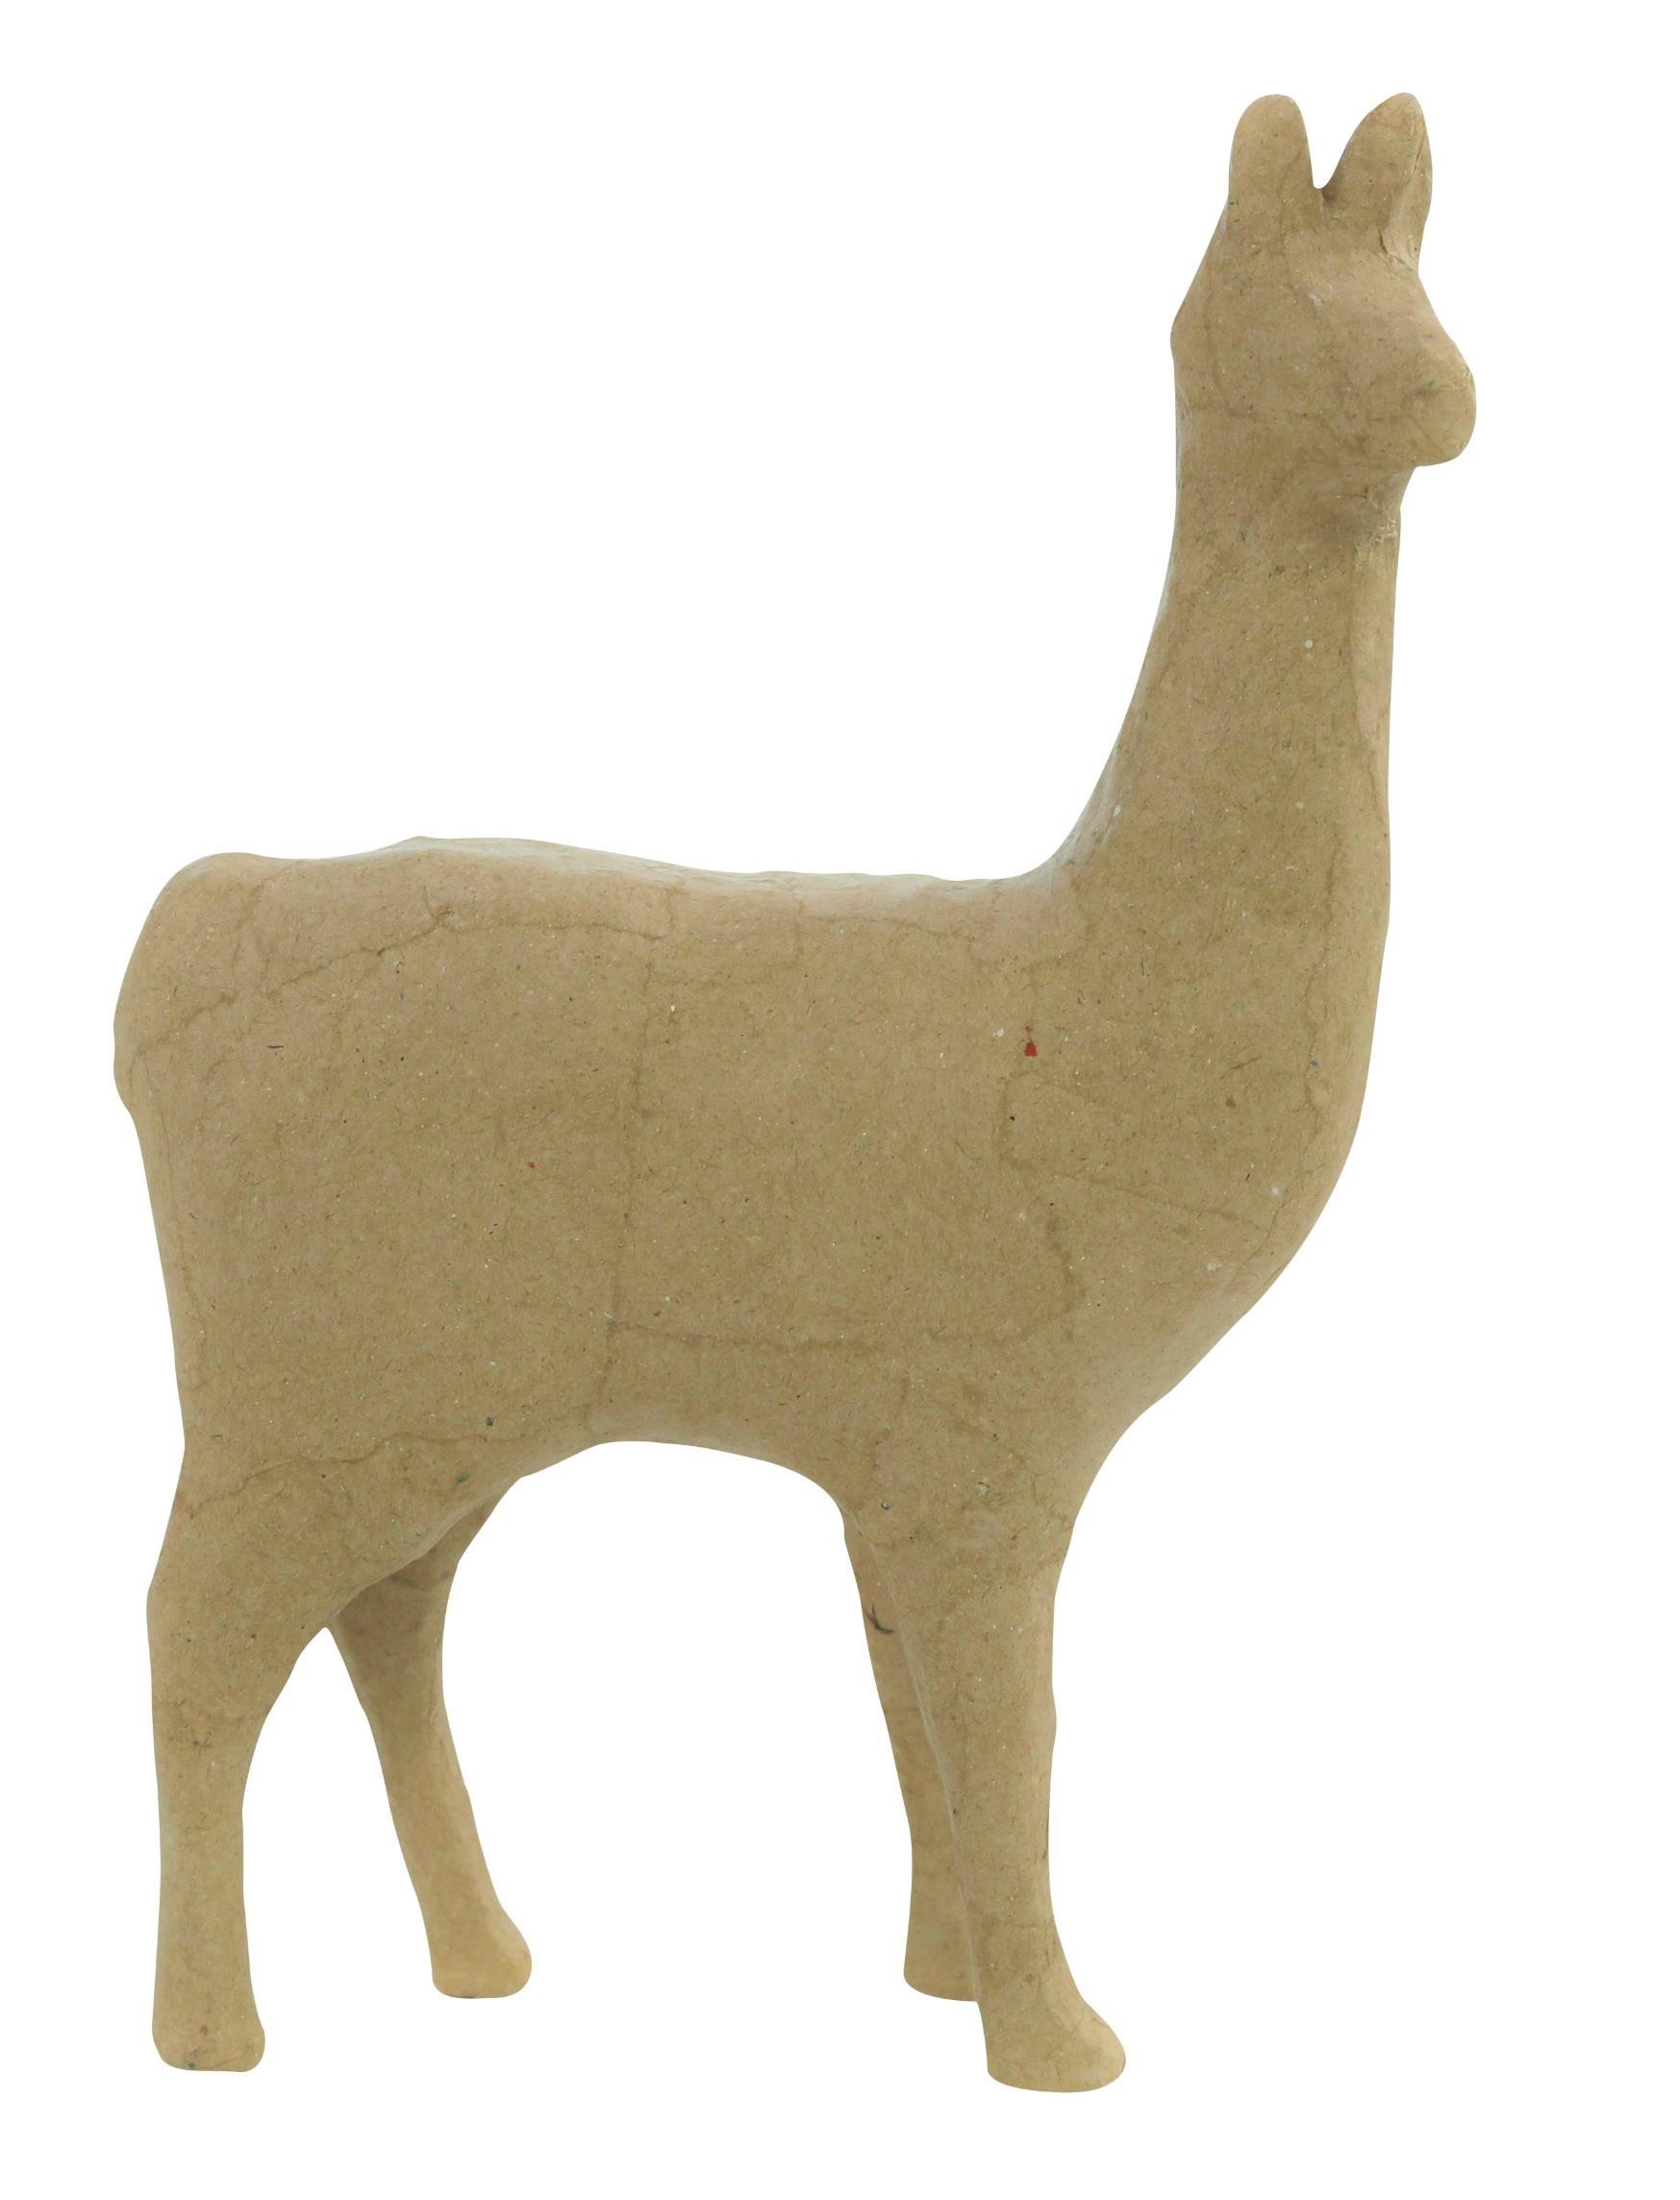 Lama - support en papier mâché